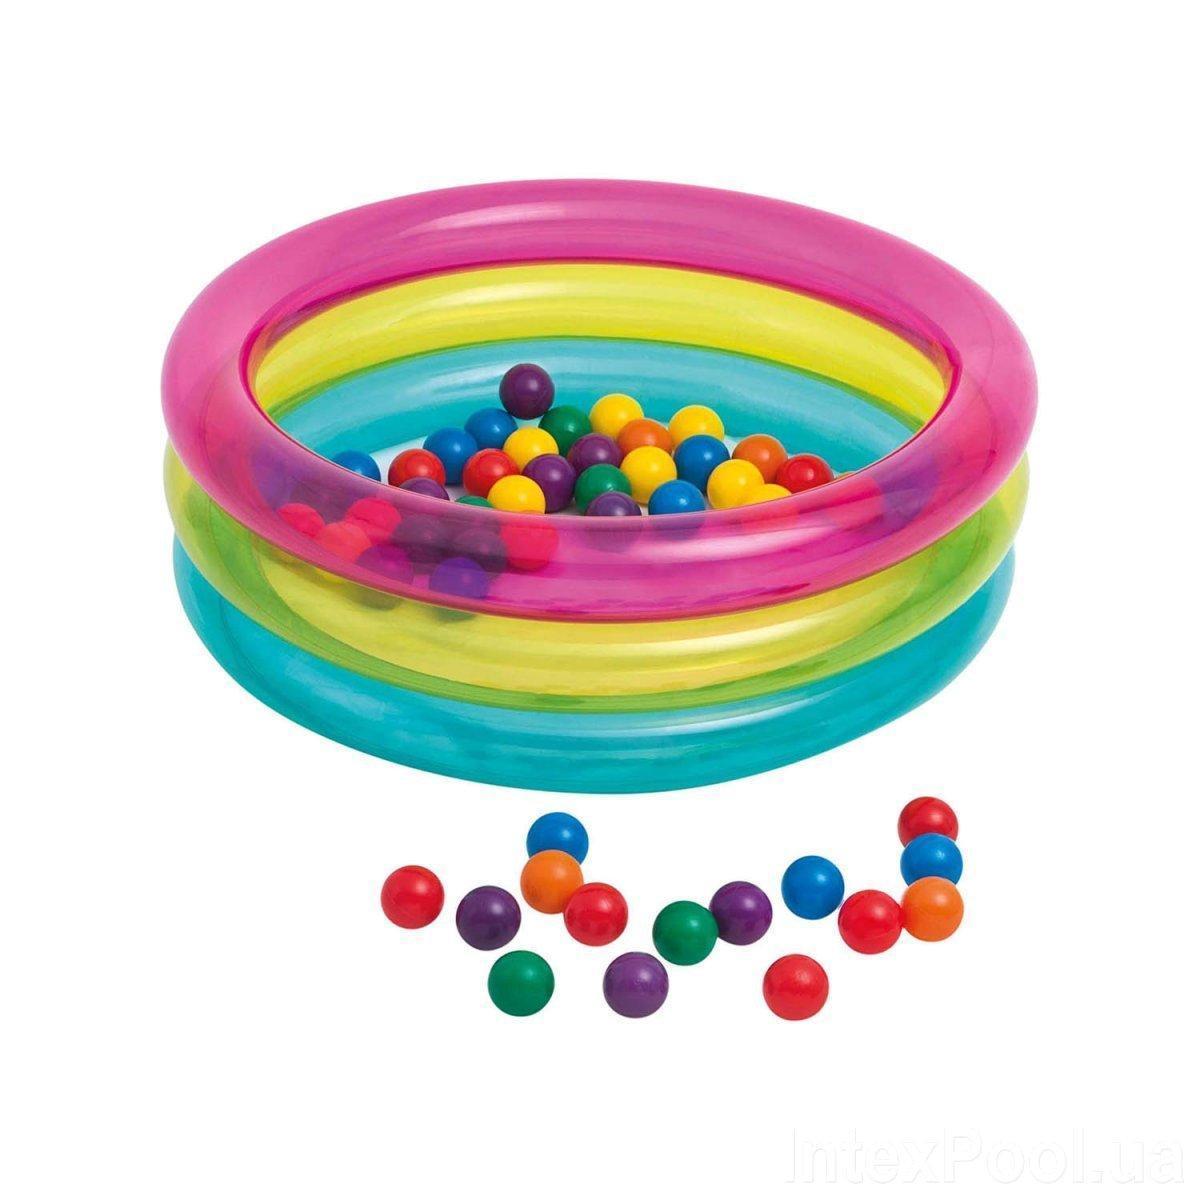 Надувний басейн для дітей від 1 року в комплекті 50 кульок Intex 48674 (розмір 86*25 см) (обсяг 68 л)